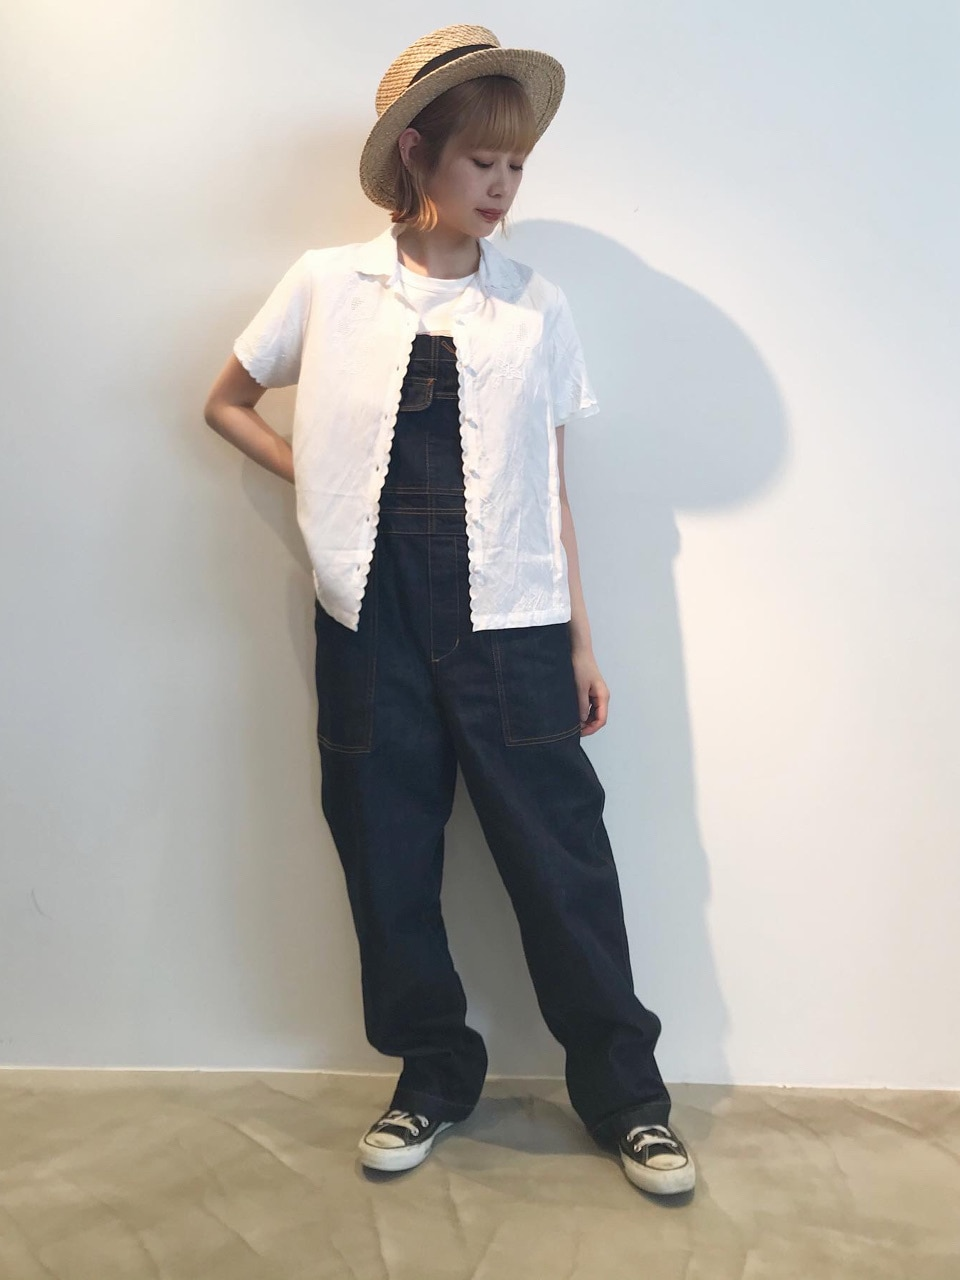 yuni / bulle de savon ラフォーレ原宿 身長:157cm 2020.06.04